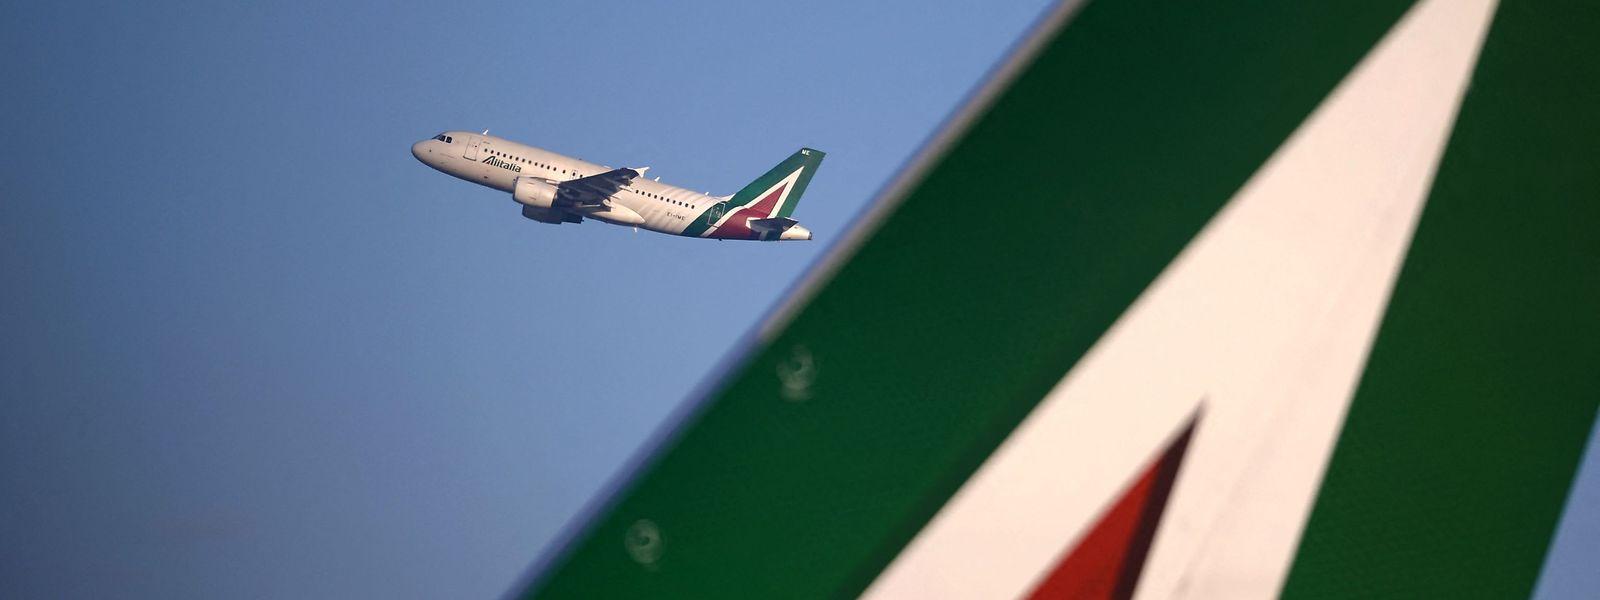 Alitalia ist seit Jahren auf staatliche Hilfen angewiesen, weil die Airline keine Gewinne mehr einfährt.